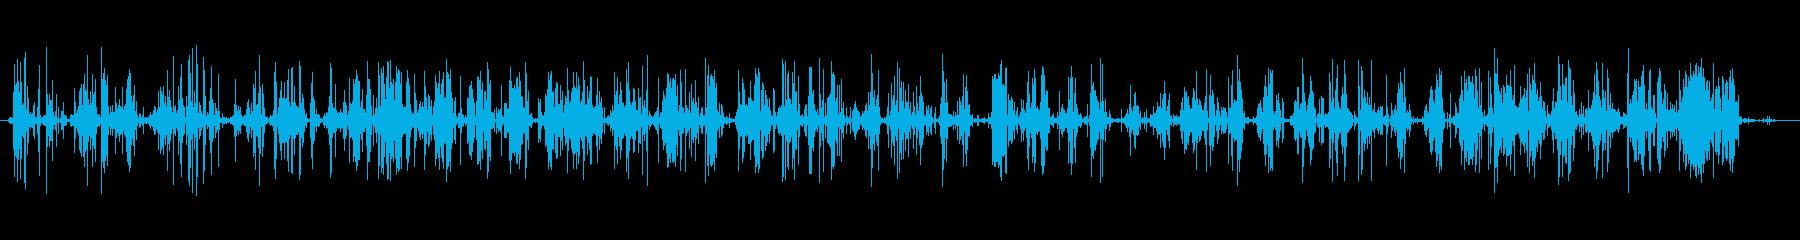 フットステプス、小石、シャッフル;...の再生済みの波形